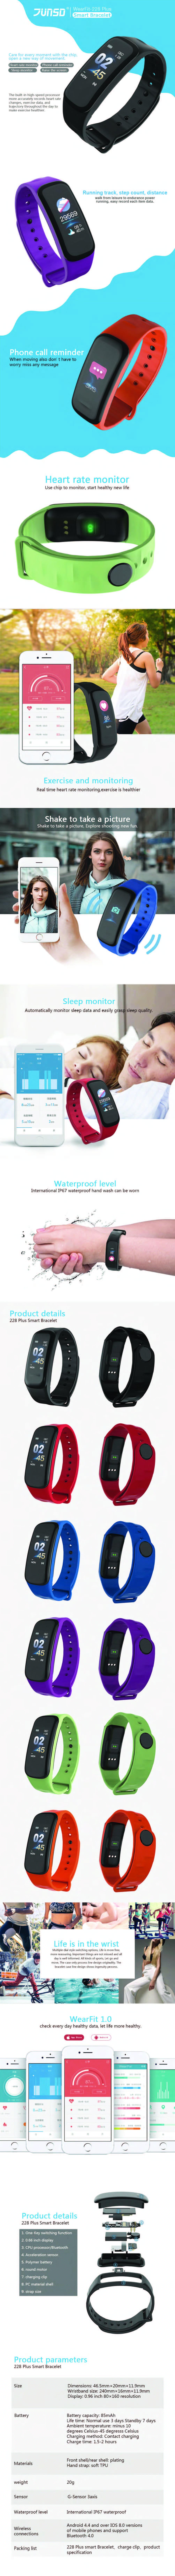 Cheap Fitness Tracker smart bracelet band Wearfit-228 Plus